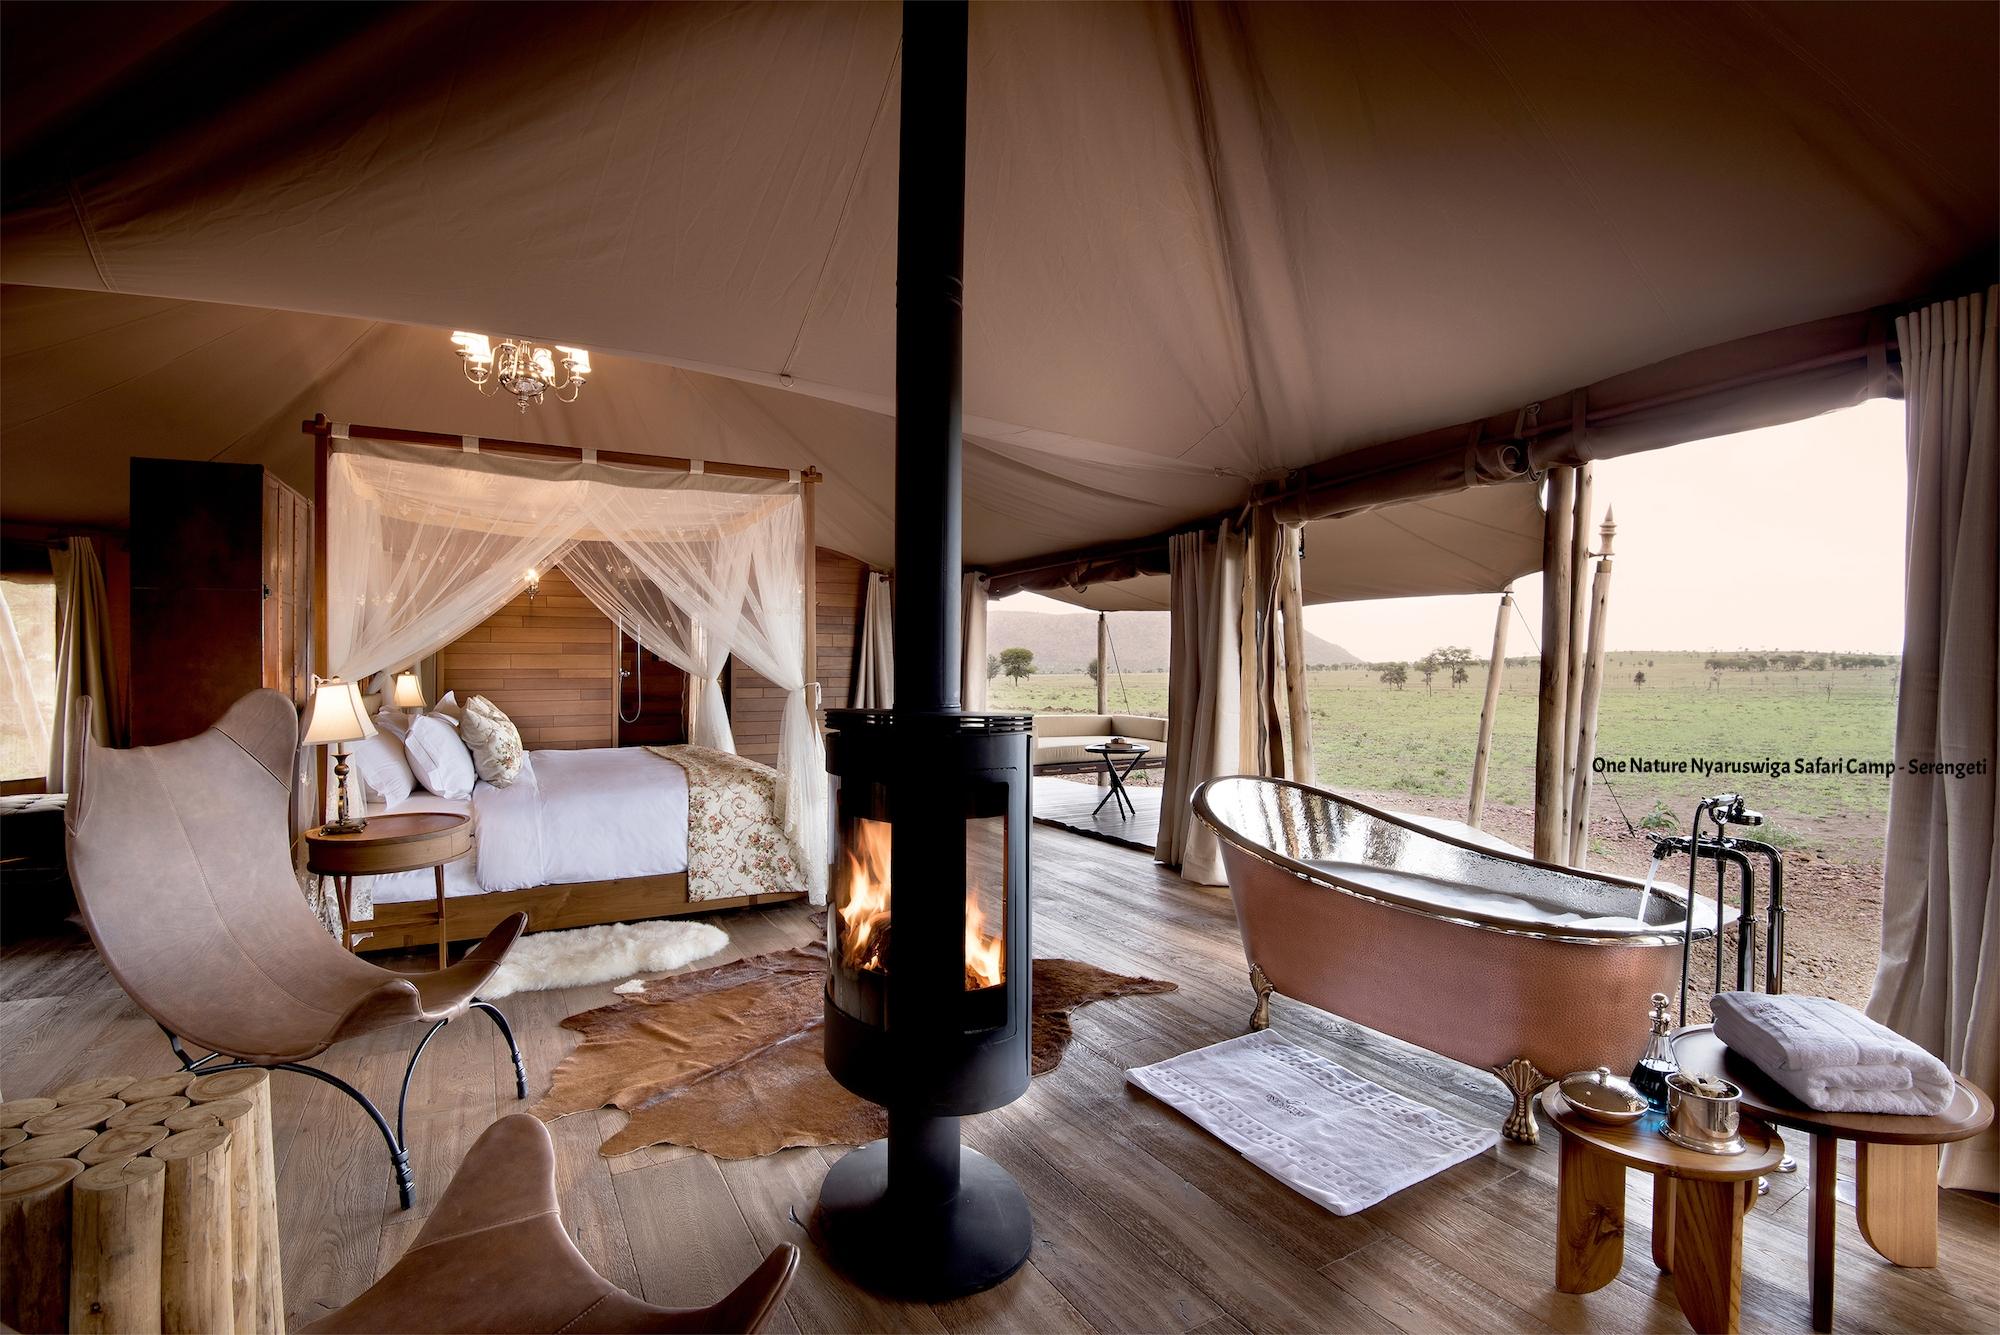 one_nature_nyaruswiga_tent_takims_holidays.jpg